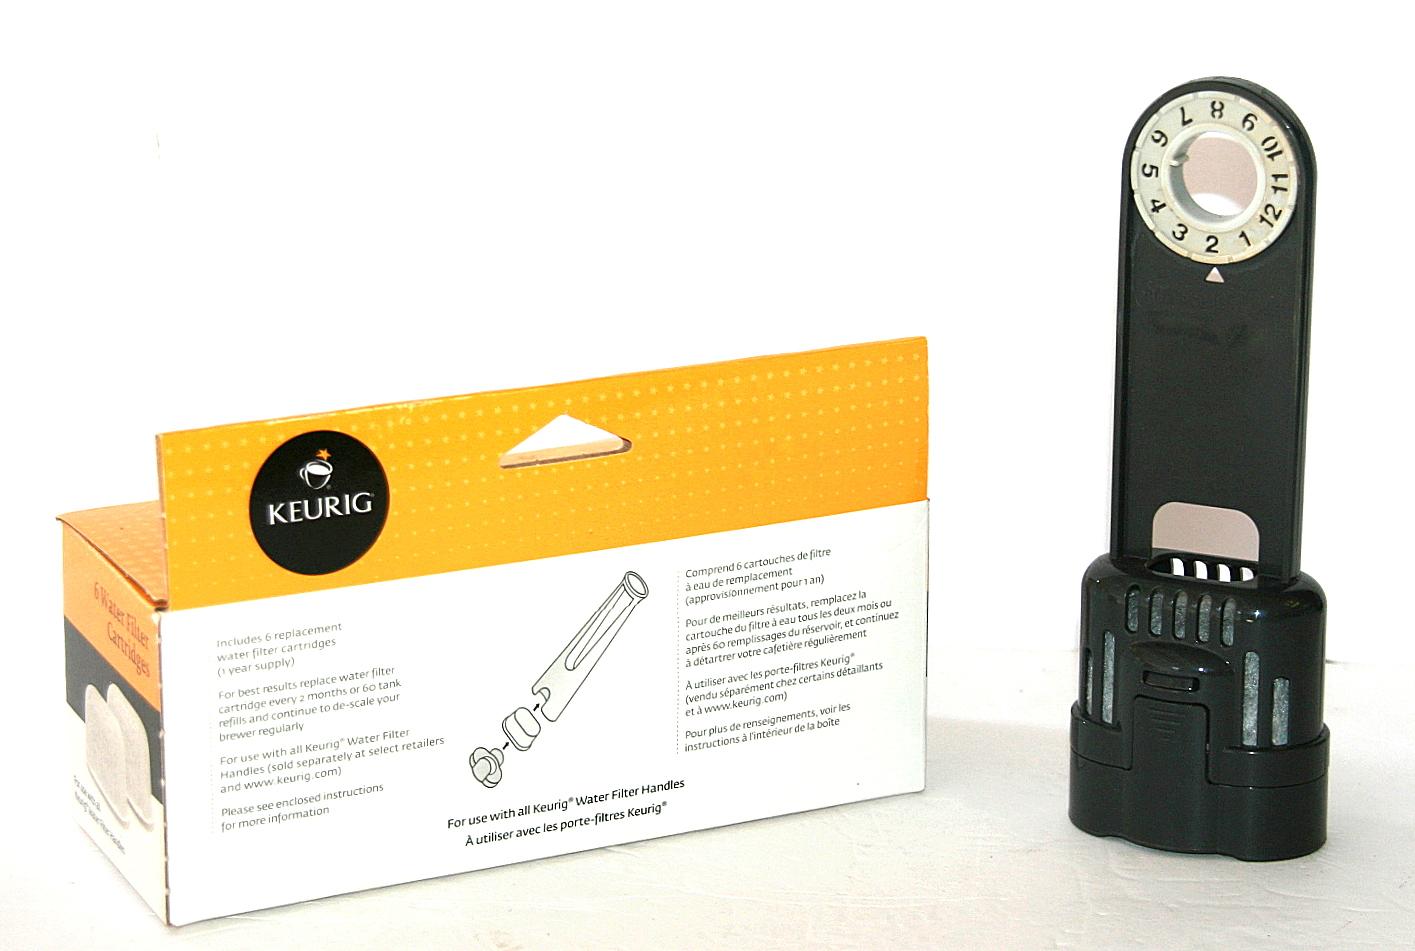 keurig water filter cartridges